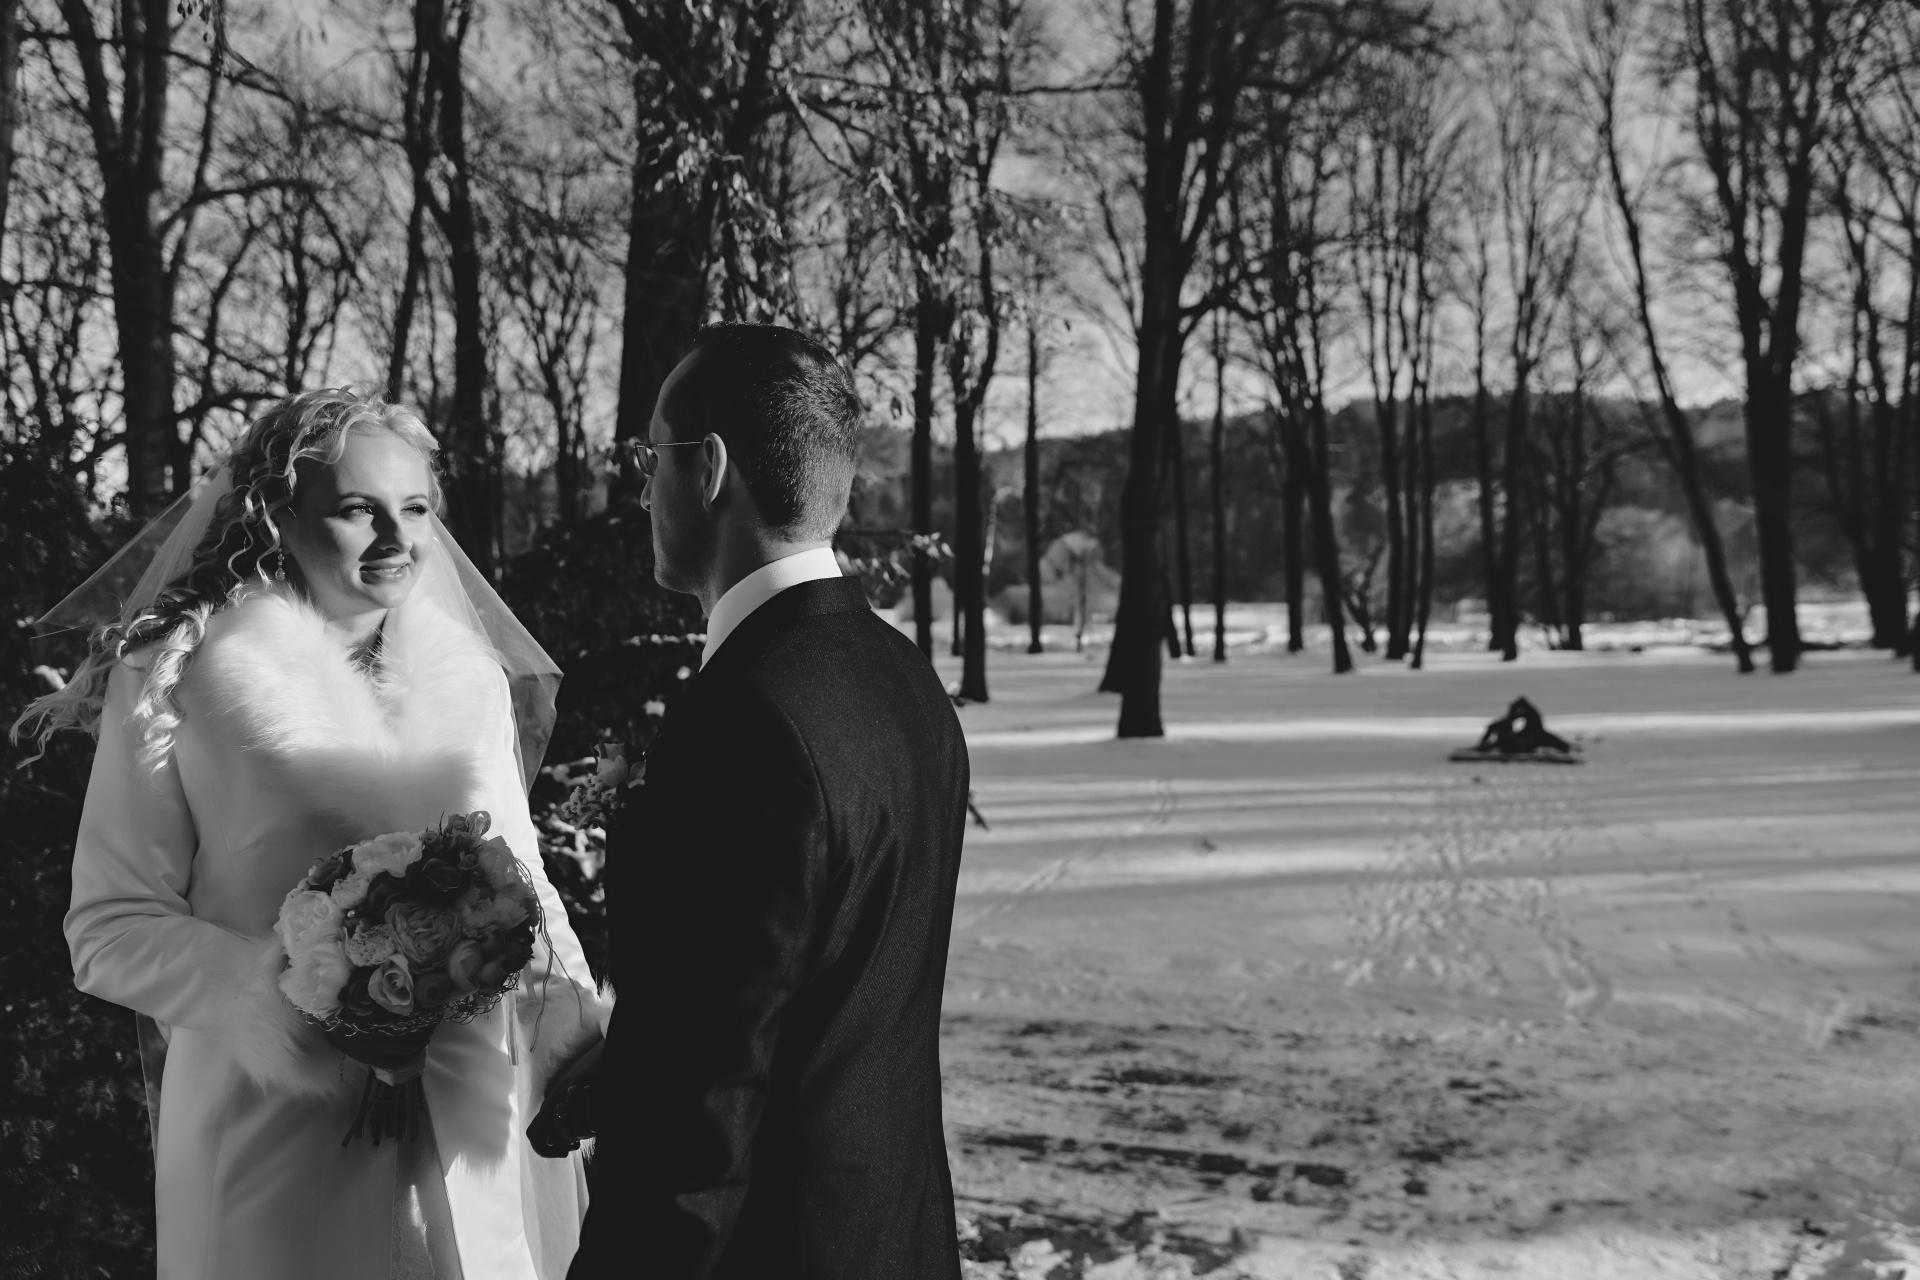 slivestrovska svadba